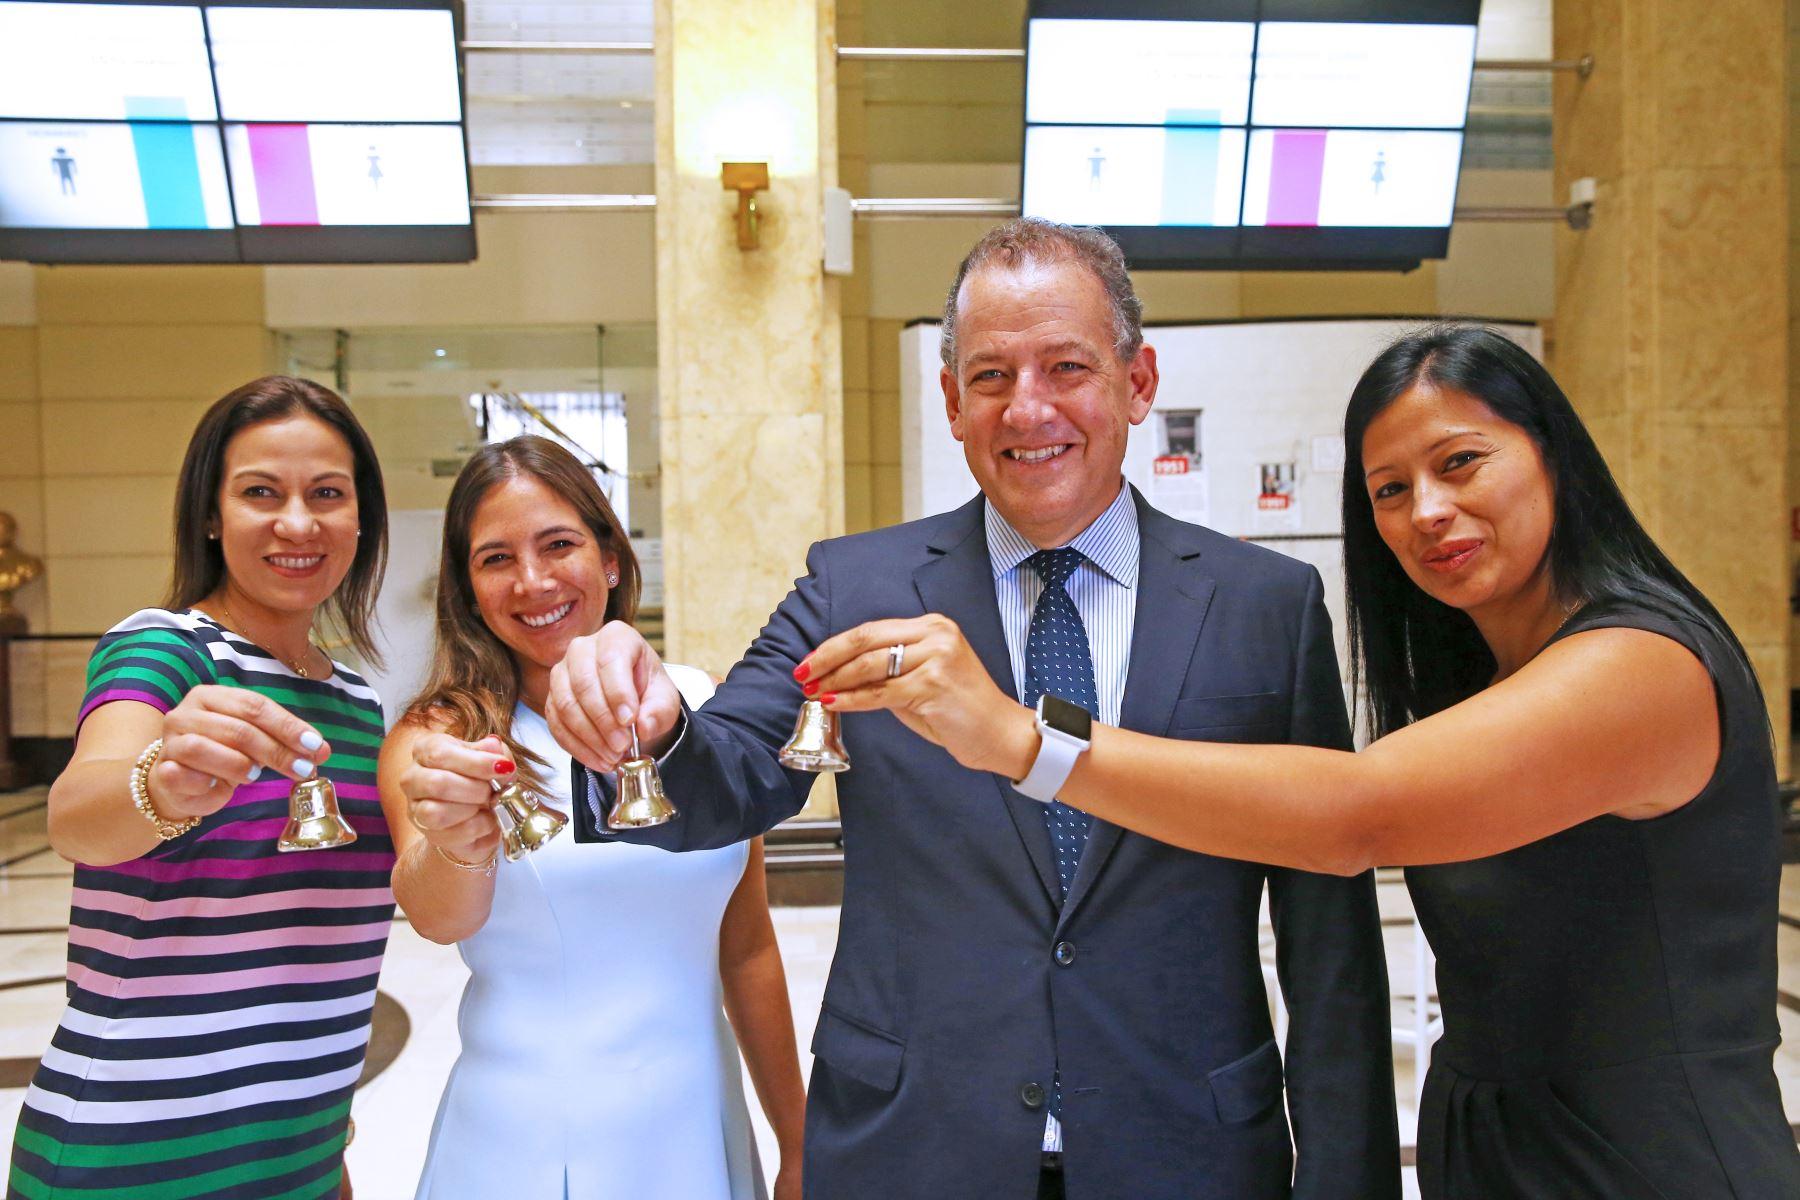 La Bolsa de Valores realiza el evento Ring the Bell for Gender Equiality, donde participan mujeres ejecutivas peruanas.  Foto: ANDINA/Melina Mejía